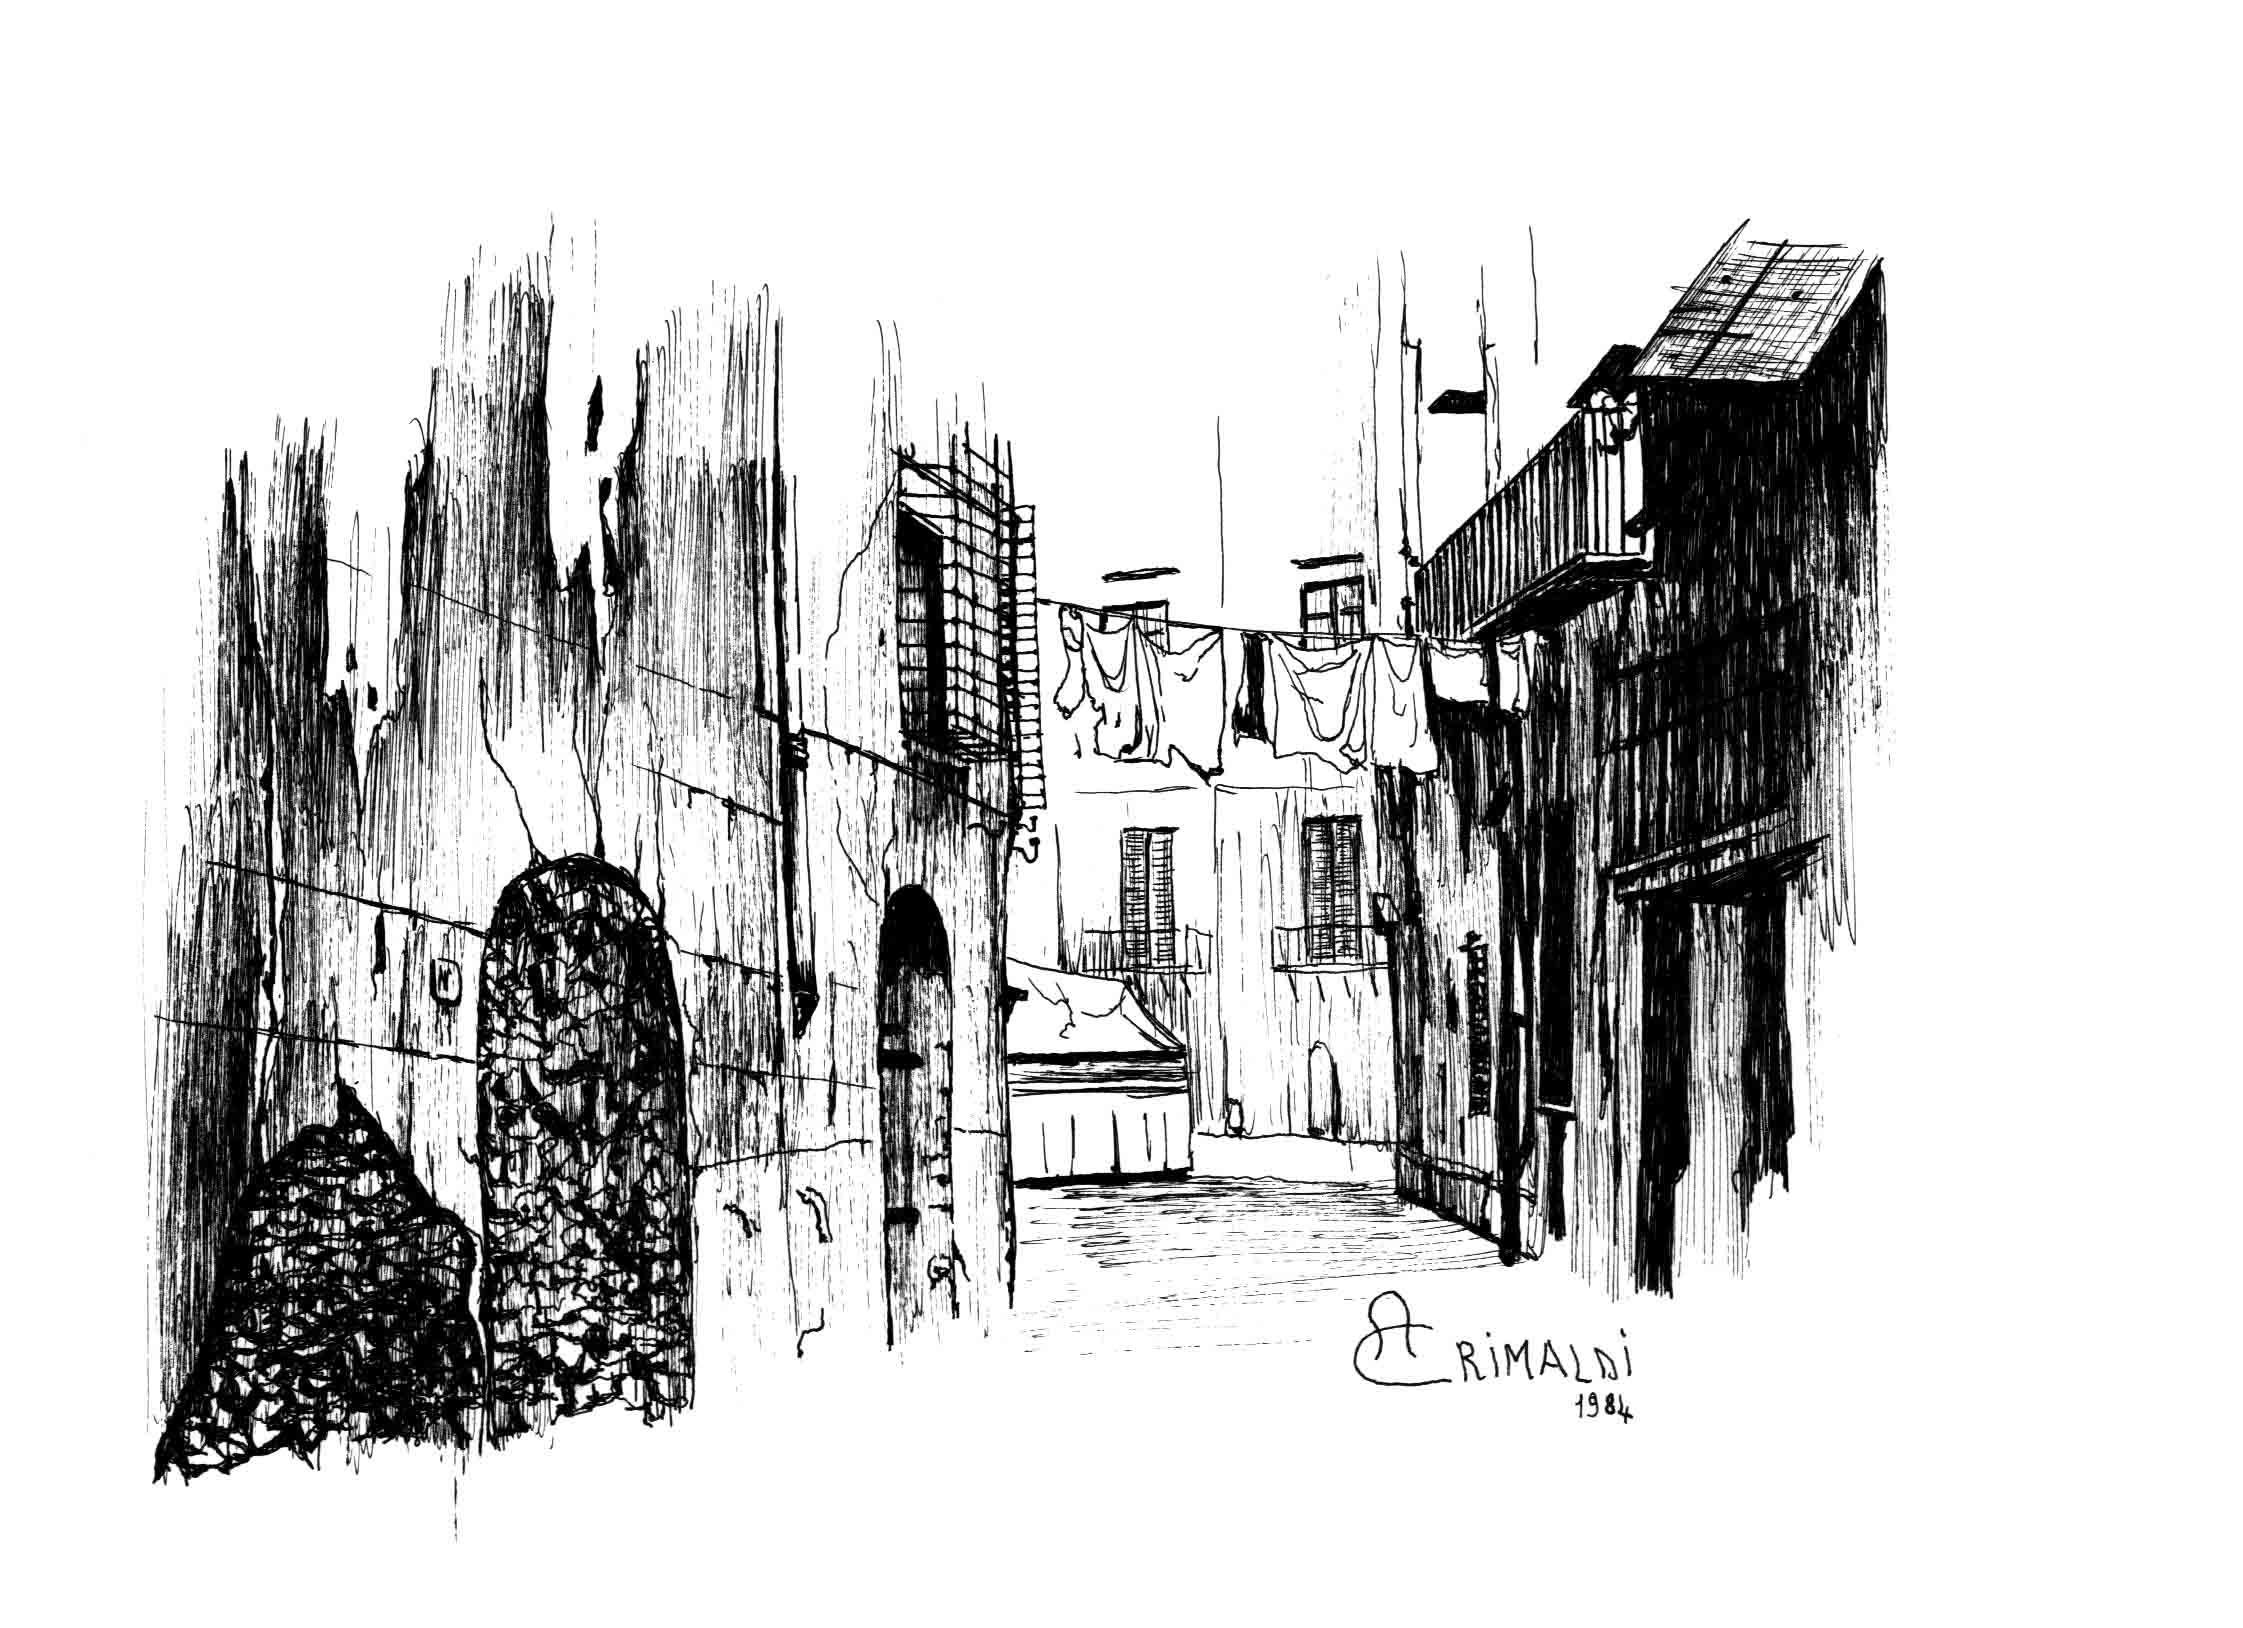 PALERMO 'VICOLO, CHINA SU CARTA, cm 34 x 22 - Copia